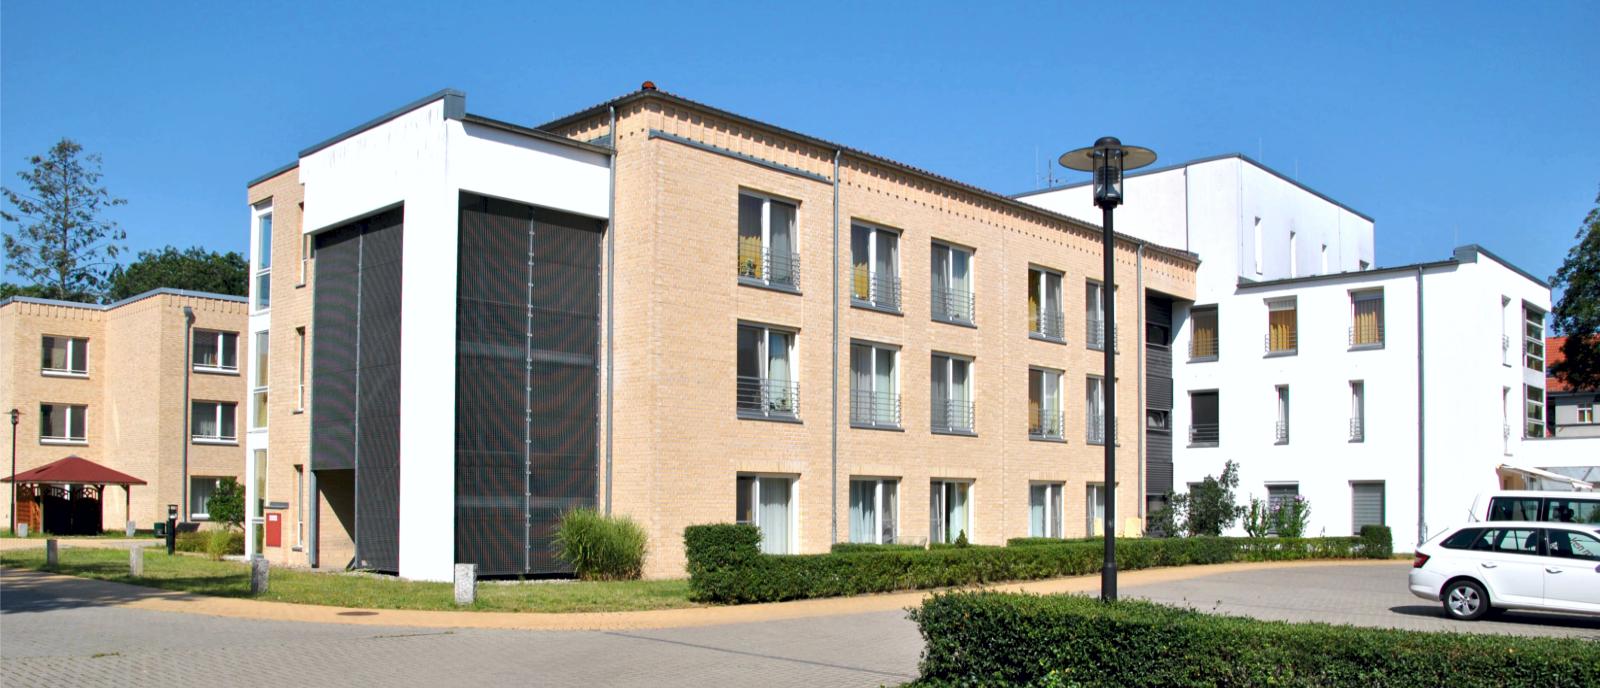 AWO Seniorenpflegezentrum